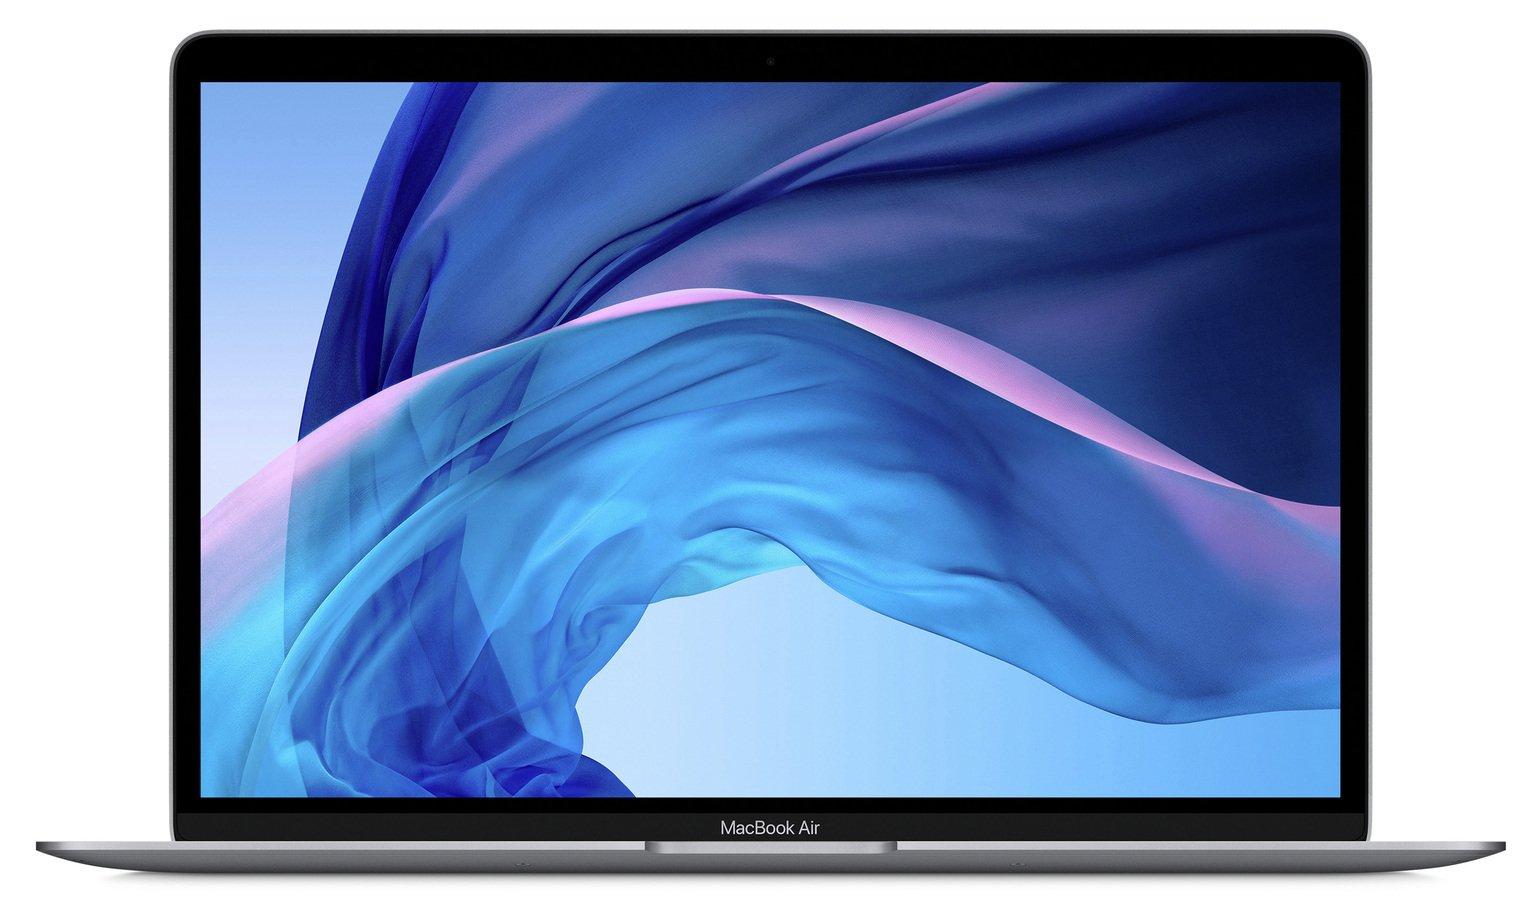 Apple MacBook Air 2020 13.3 Inch i3 8GB 256GB - Space Grey